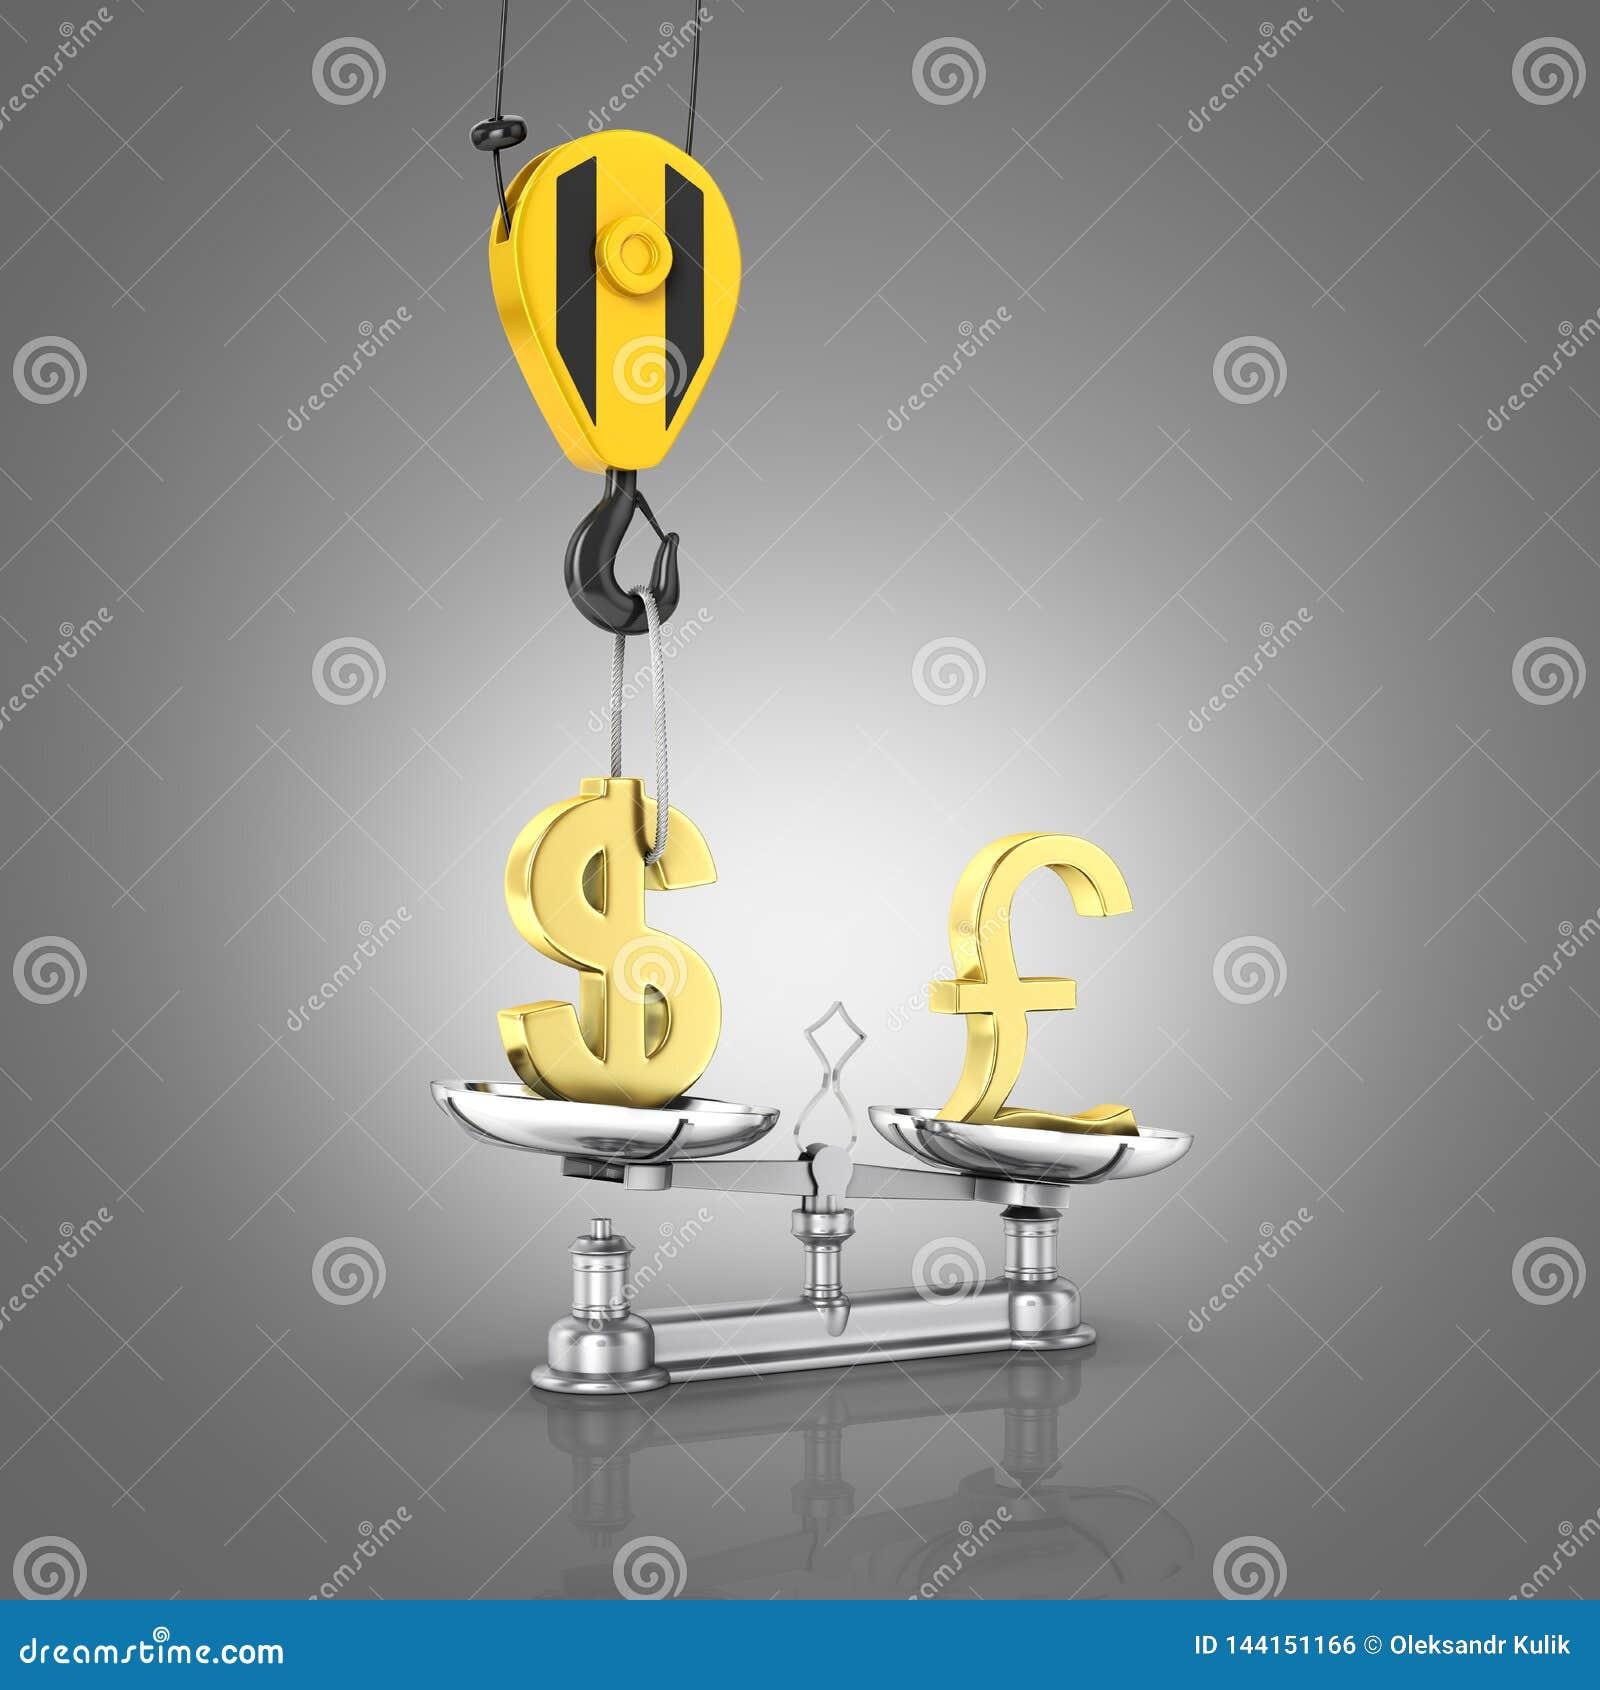 Концепция доллара поддержки курса против фунта кран вытягивает доллар вверх и понижает фунт стерлингов на сером градиенте